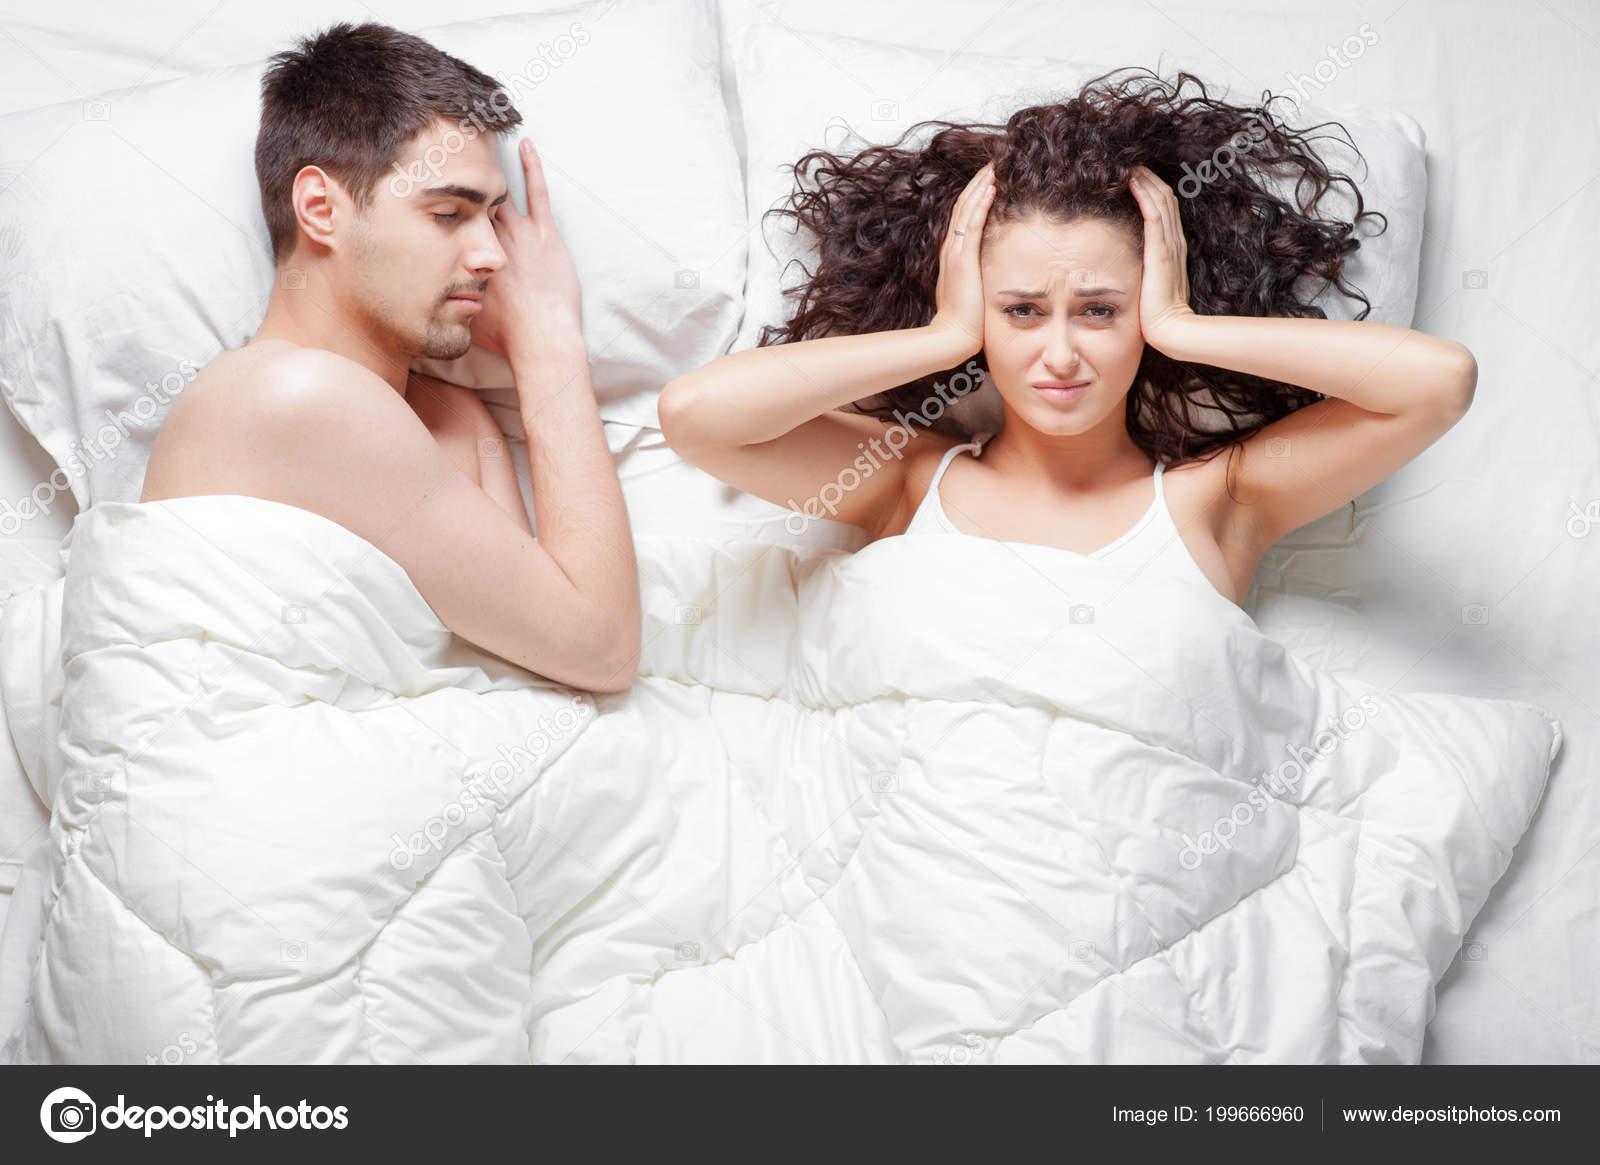 Εξαπάτηση μαμά σεξ φωτογραφίες μυαλό φυσώντας τεχνικές εργασίας πίπα